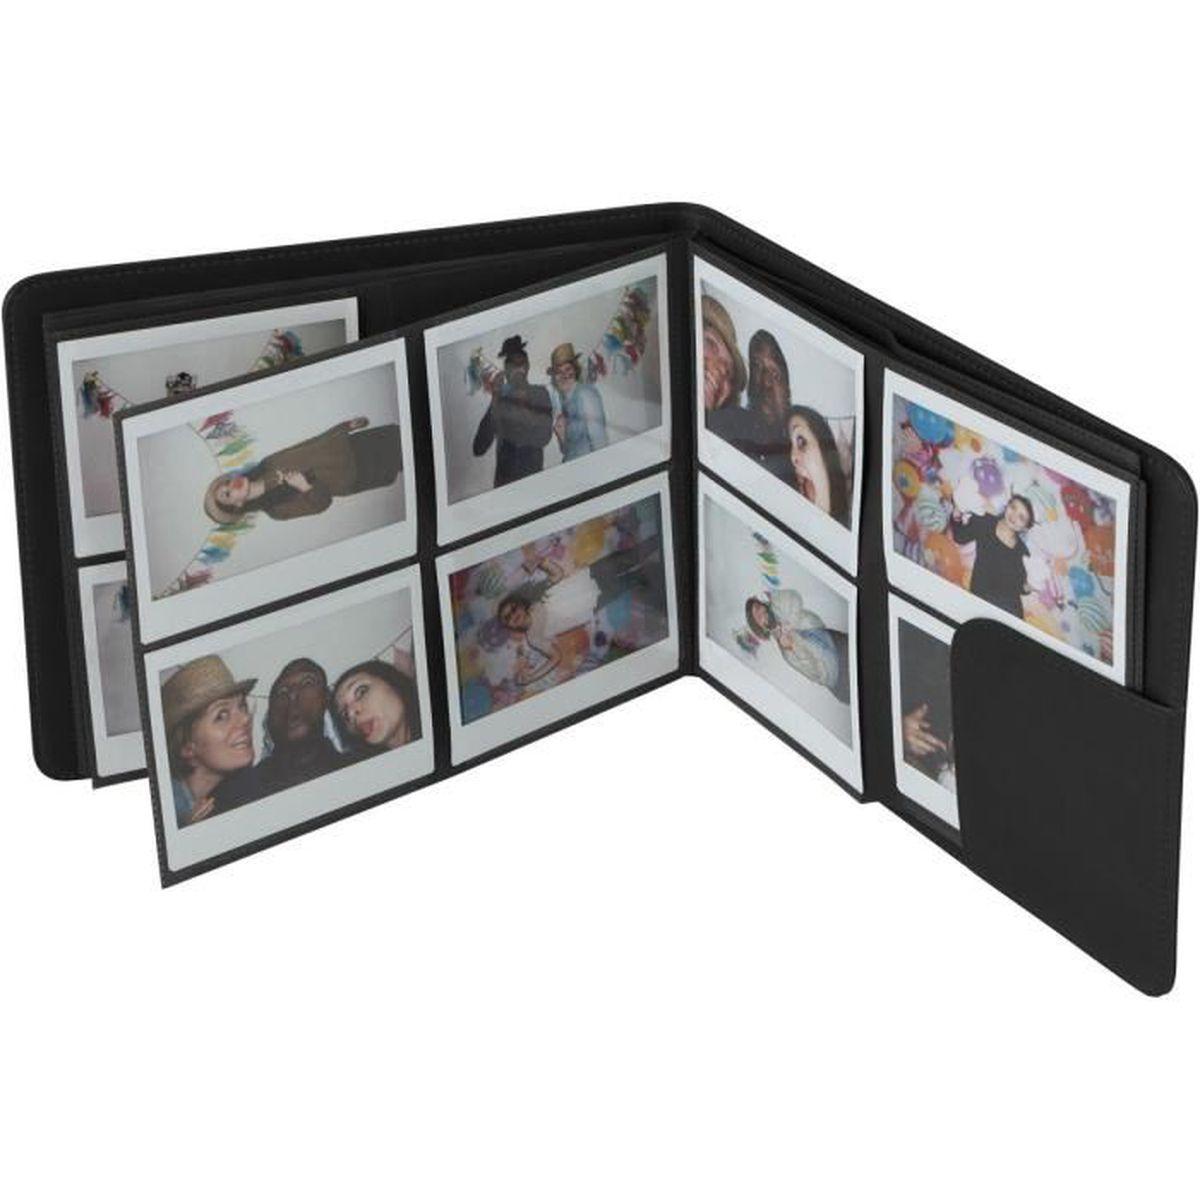 Album Fuji Instax Wide Noir Achat Vente Pack Accessoires Photo